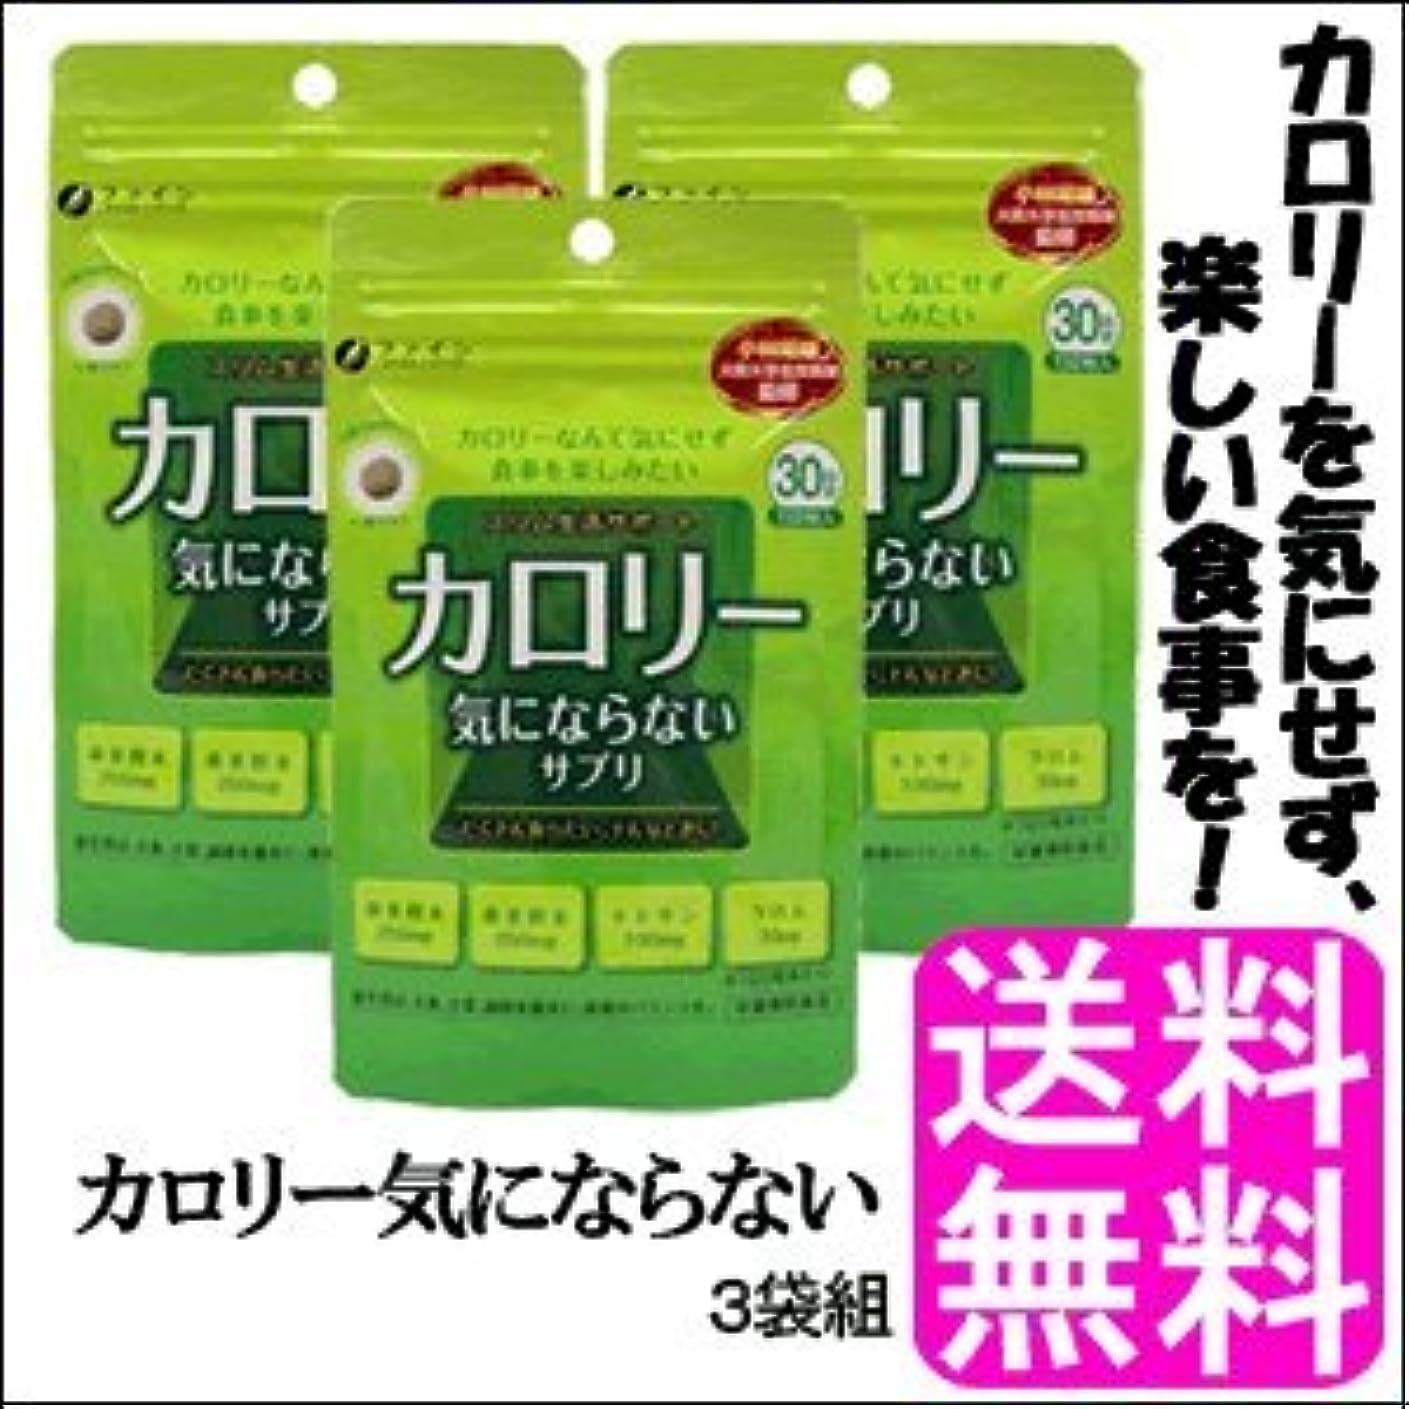 ペア天気ガスファイン カロリー気にならないサプリ(200mg×約150粒)【3袋組】